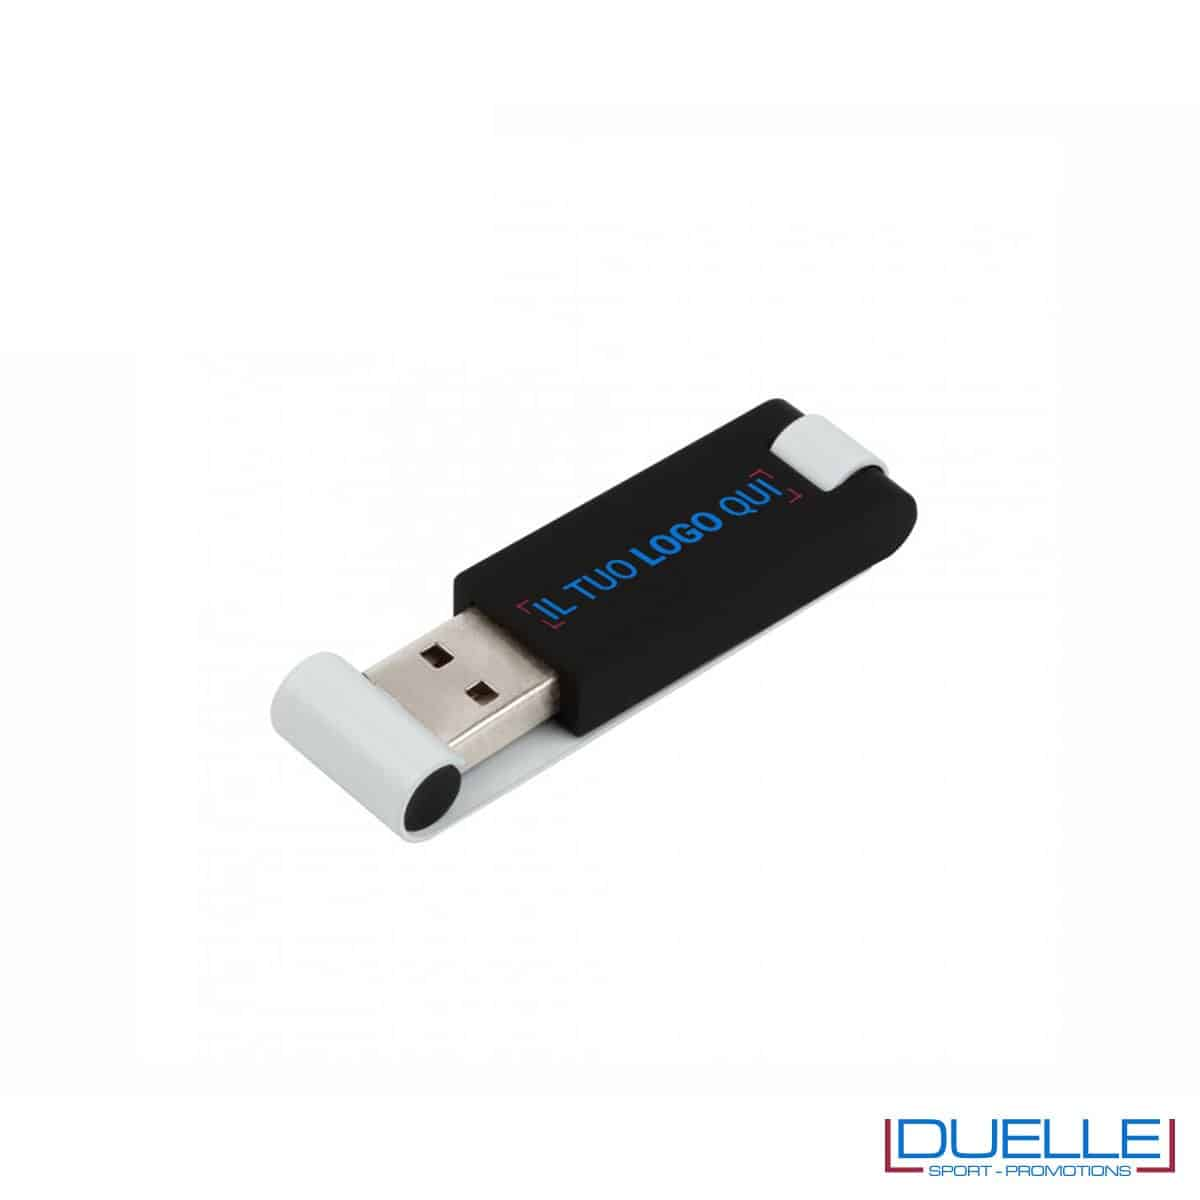 Chiavetta USB 2.0 nera personalizzata